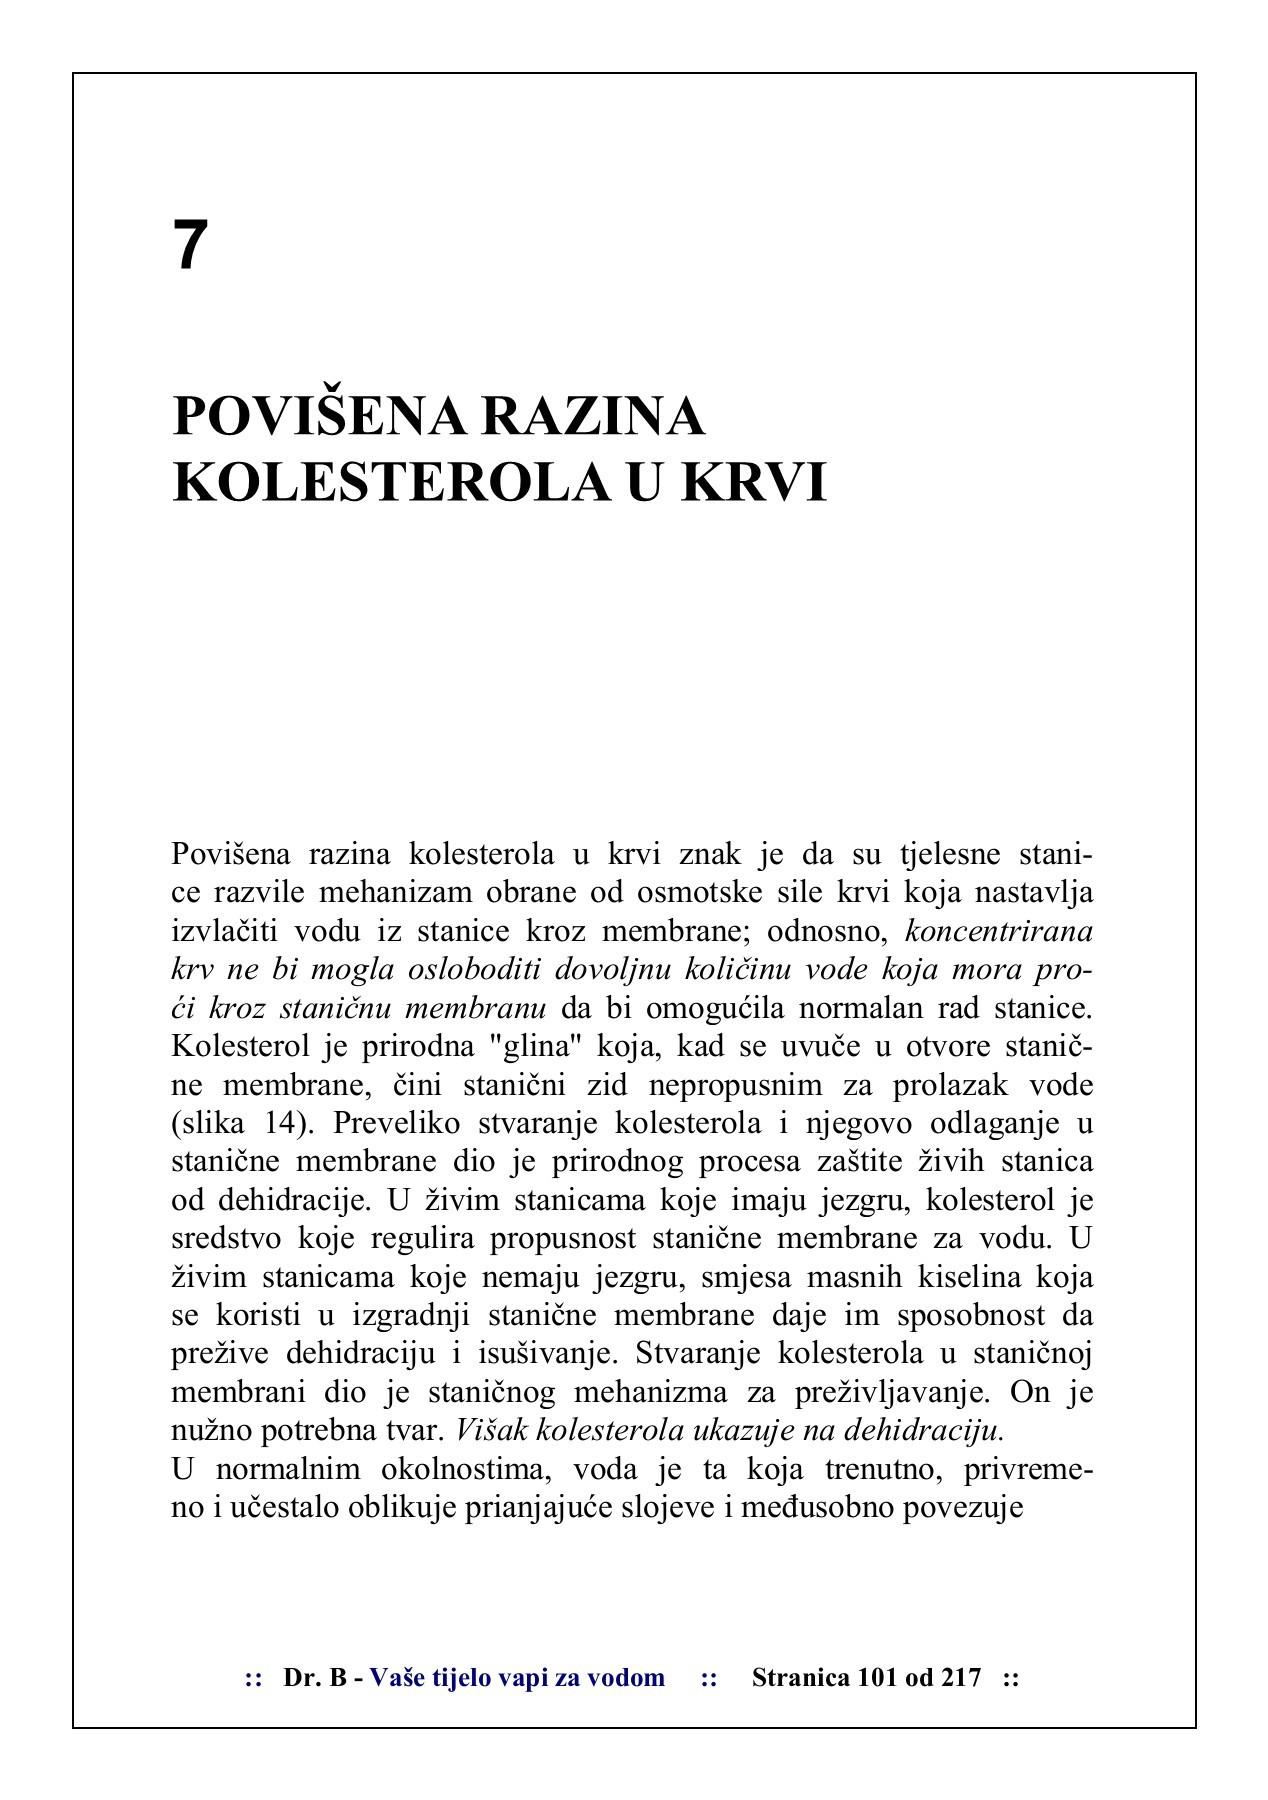 sophora liječenje hipertenzije